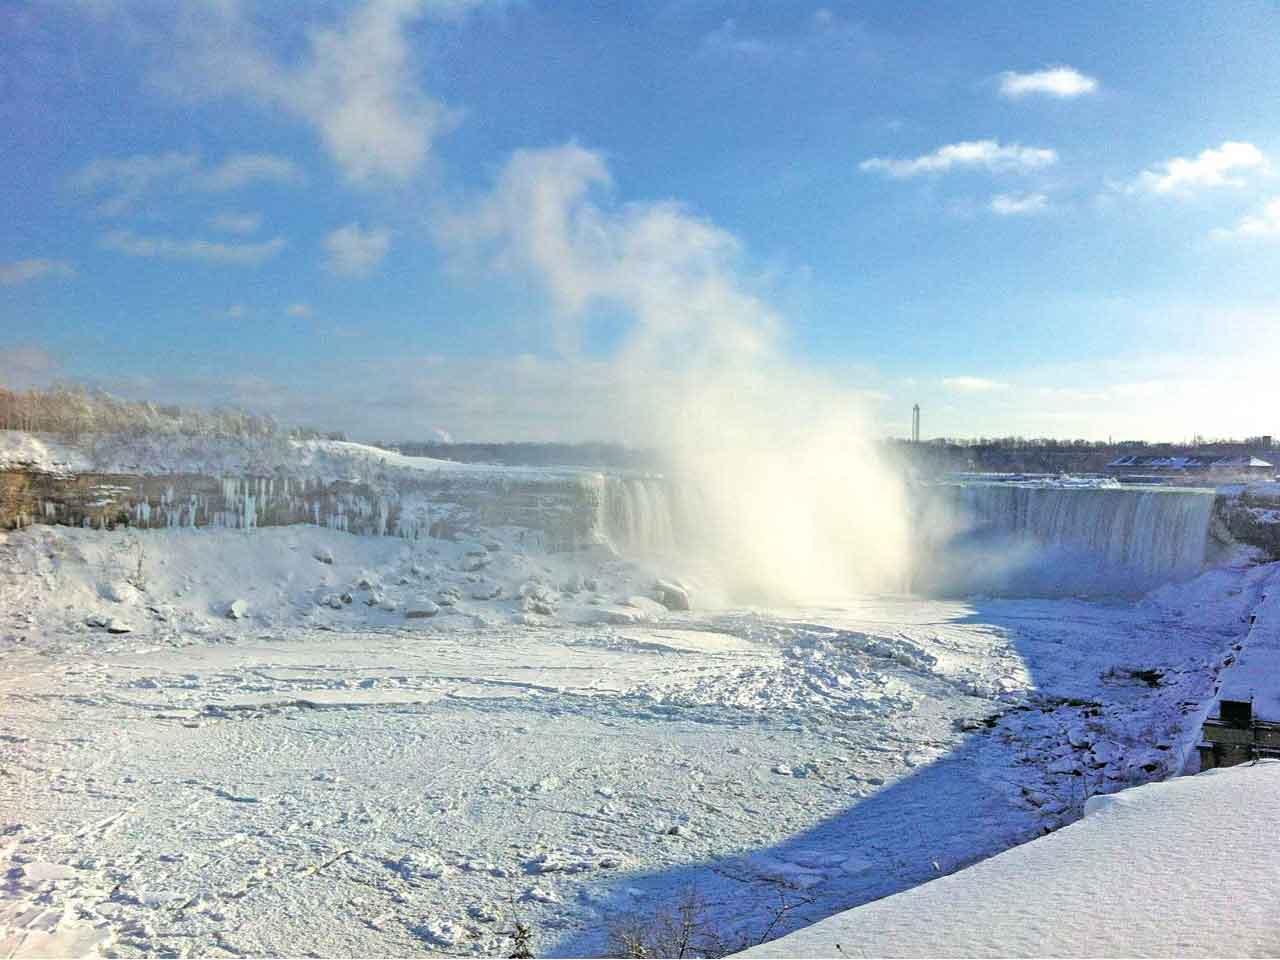 冬のナイアガラの滝は凍り付いてしまいます。ですがすべてが凍り付くわけではありませんので、水しぶきは発生します。